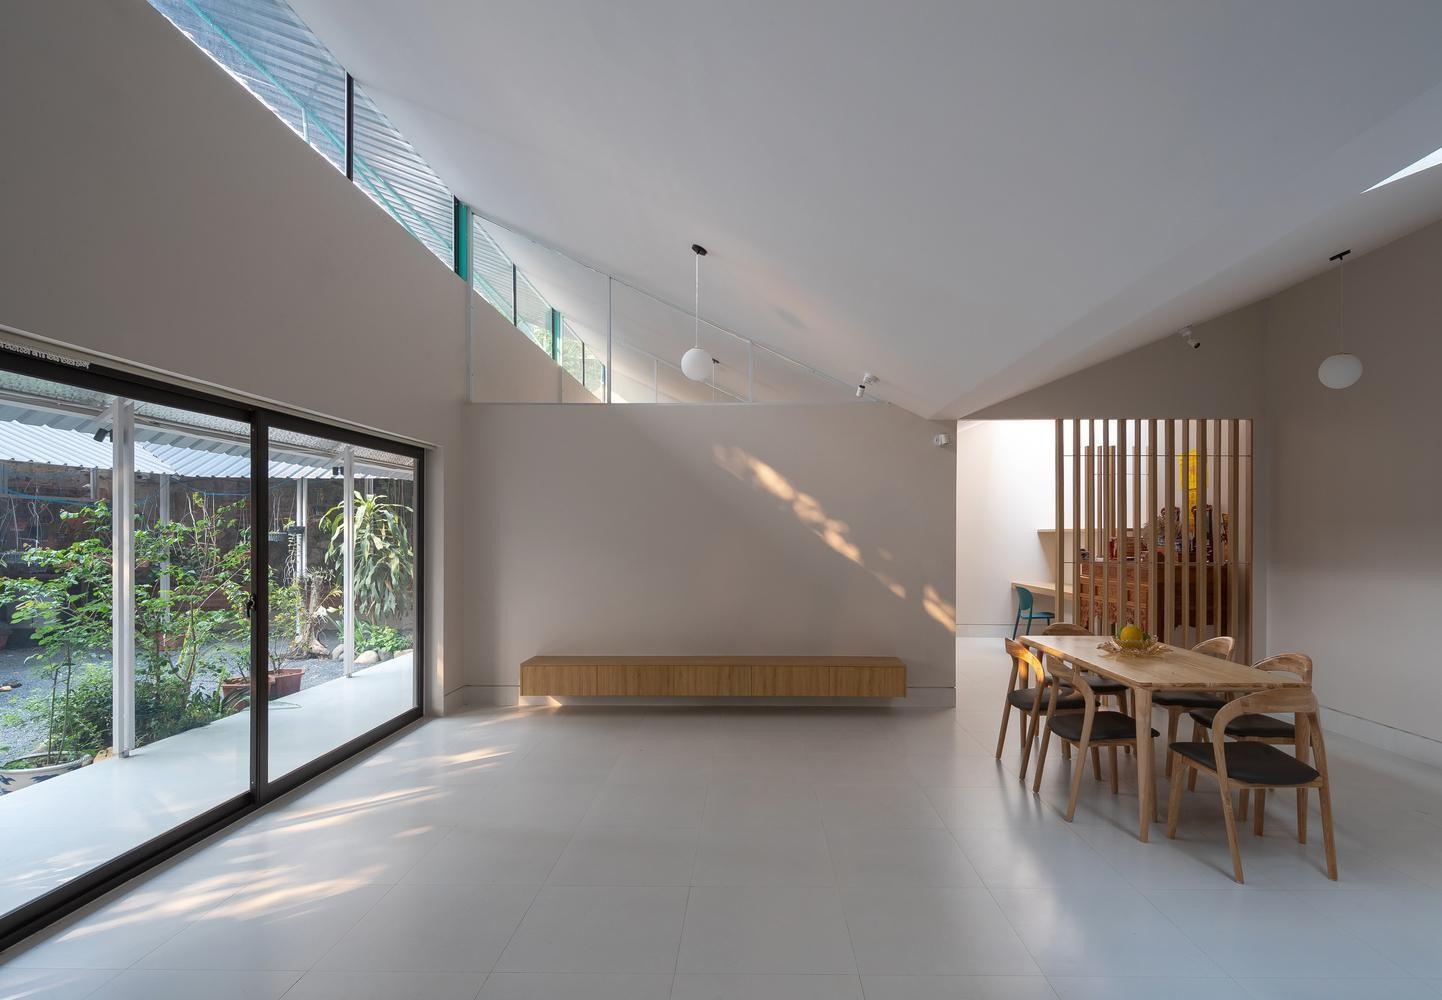 cửa kính giúp tận dụng ánh sáng triệt để của mẫu nhà cấp 4 nông thôn mái tôn